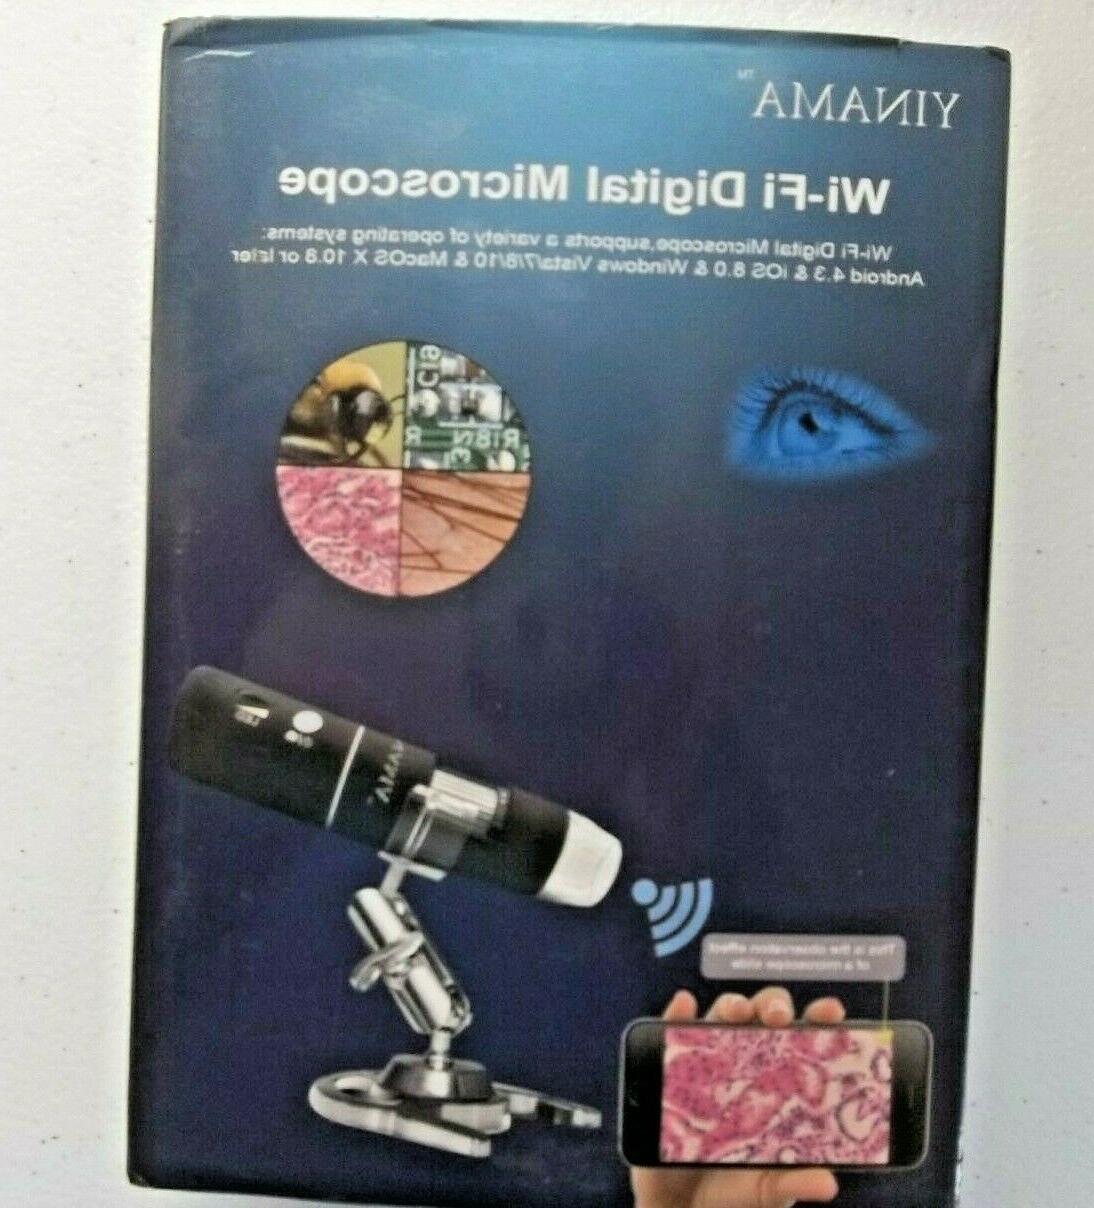 wi fi digital microscope hd resolution 1920x1080p